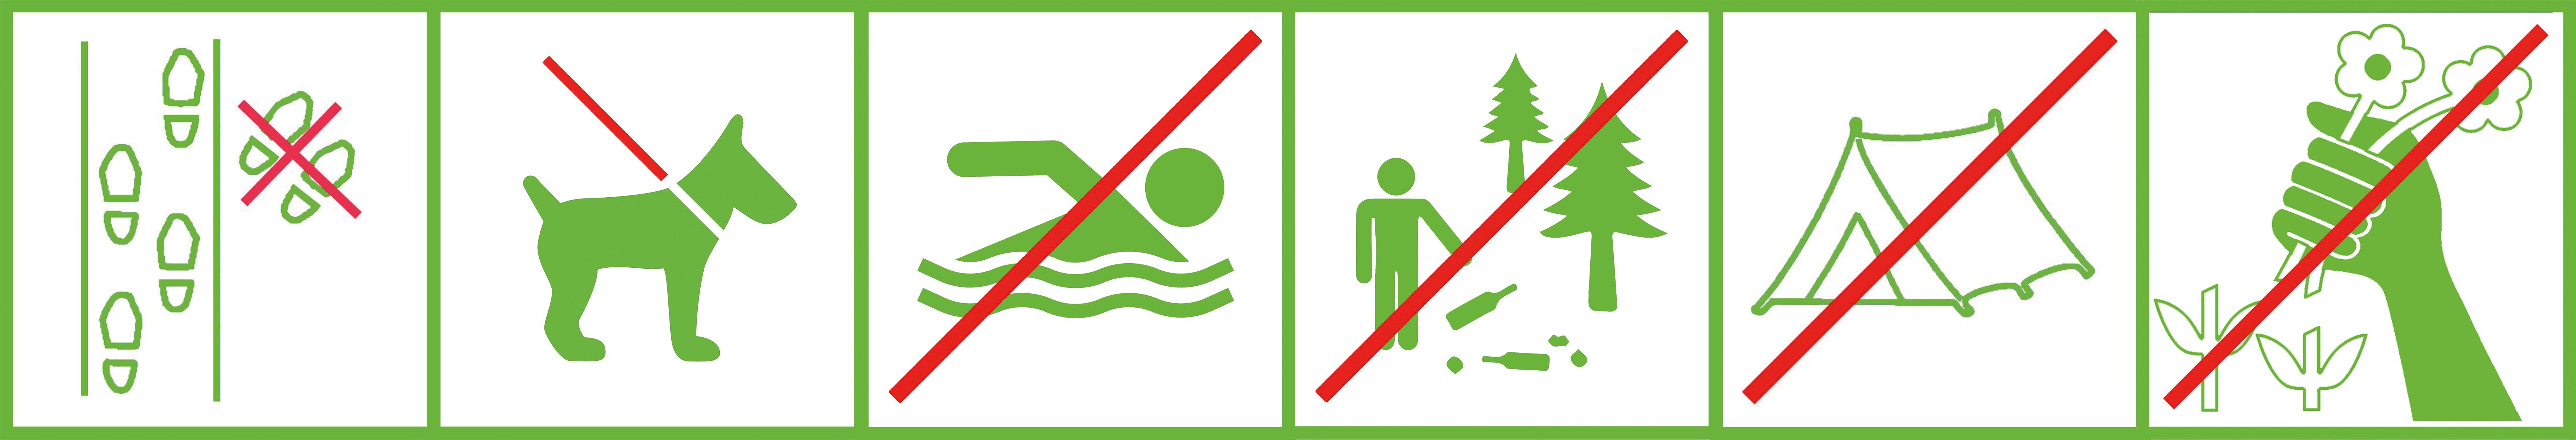 Zum Schutz der Artenvielfalt bitten wir um Verständnis und Einhaltung folgender Regeln im Naturschutzgebiet: Wege nicht verlassen; Hunde an der Leine führen; die Seen nicht betreten; kein Müll hinterlassen; keine Pflanzen Pflücken.